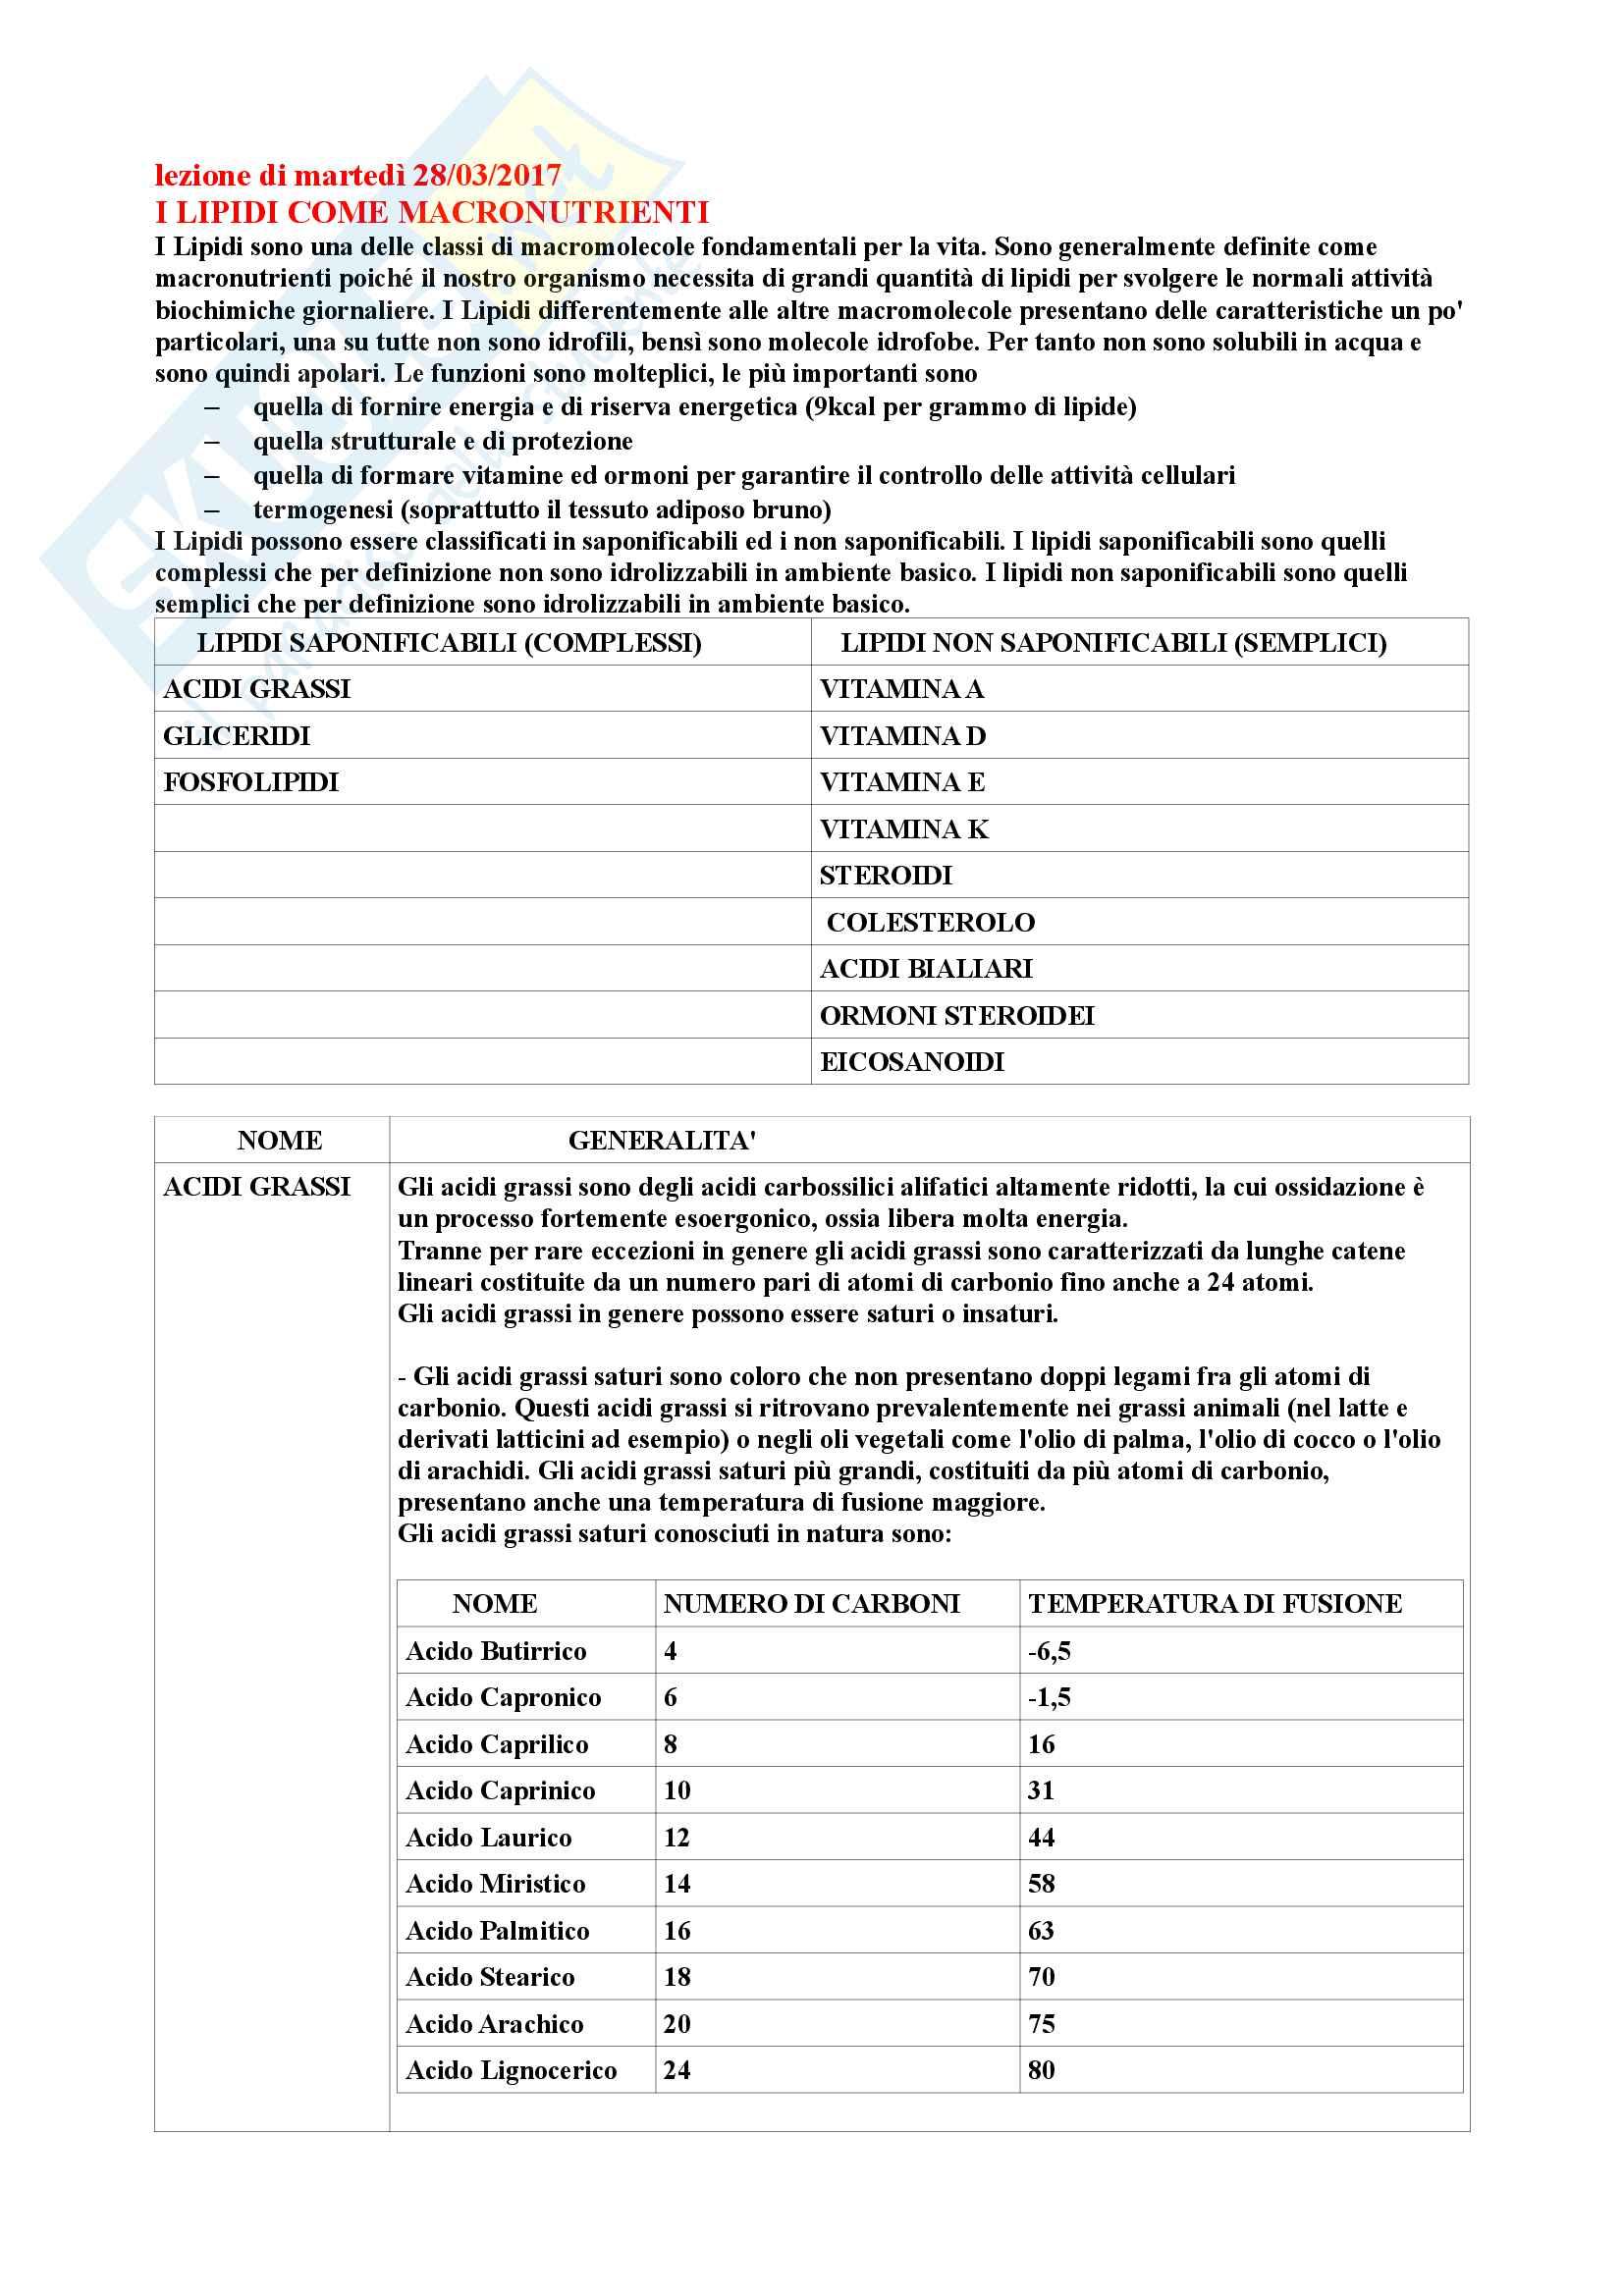 Riassunto di Biochimica degli alimenti Pag. 46